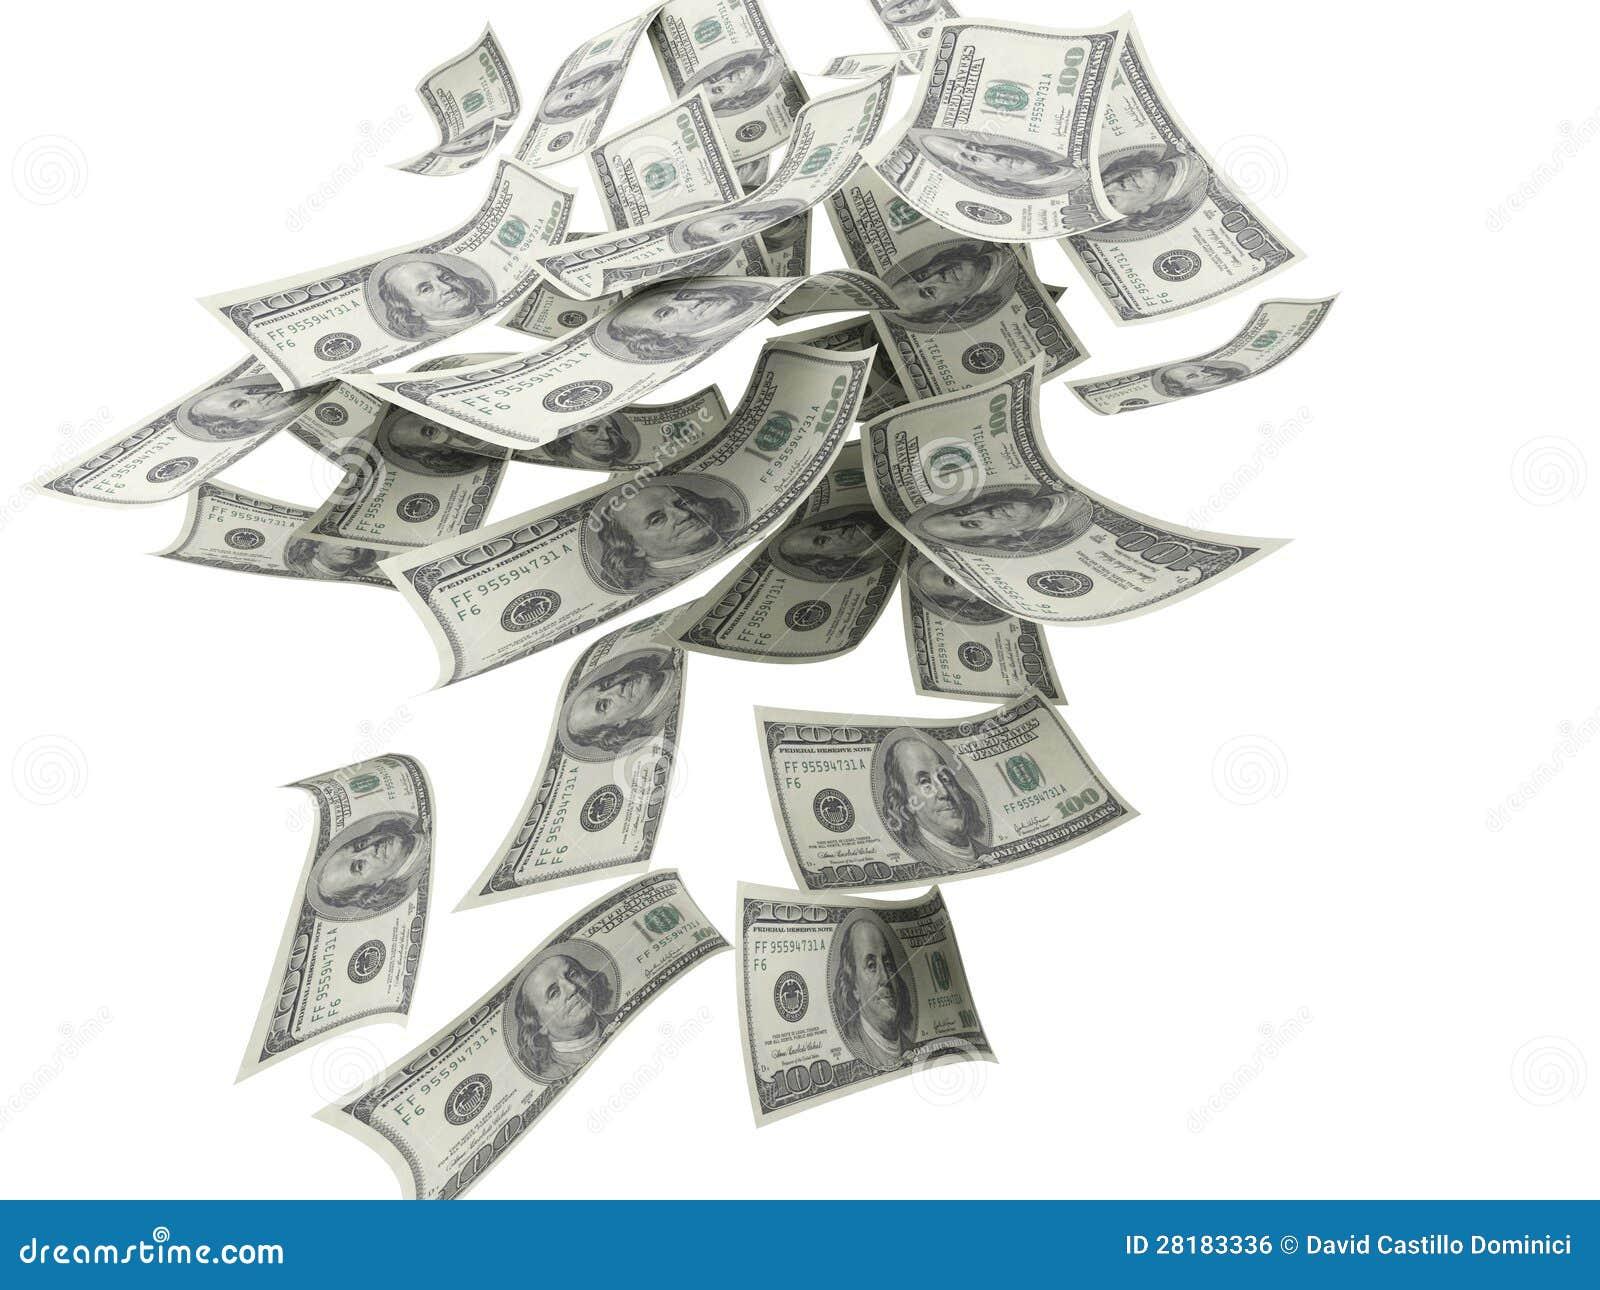 dollar bills falling on - photo #35